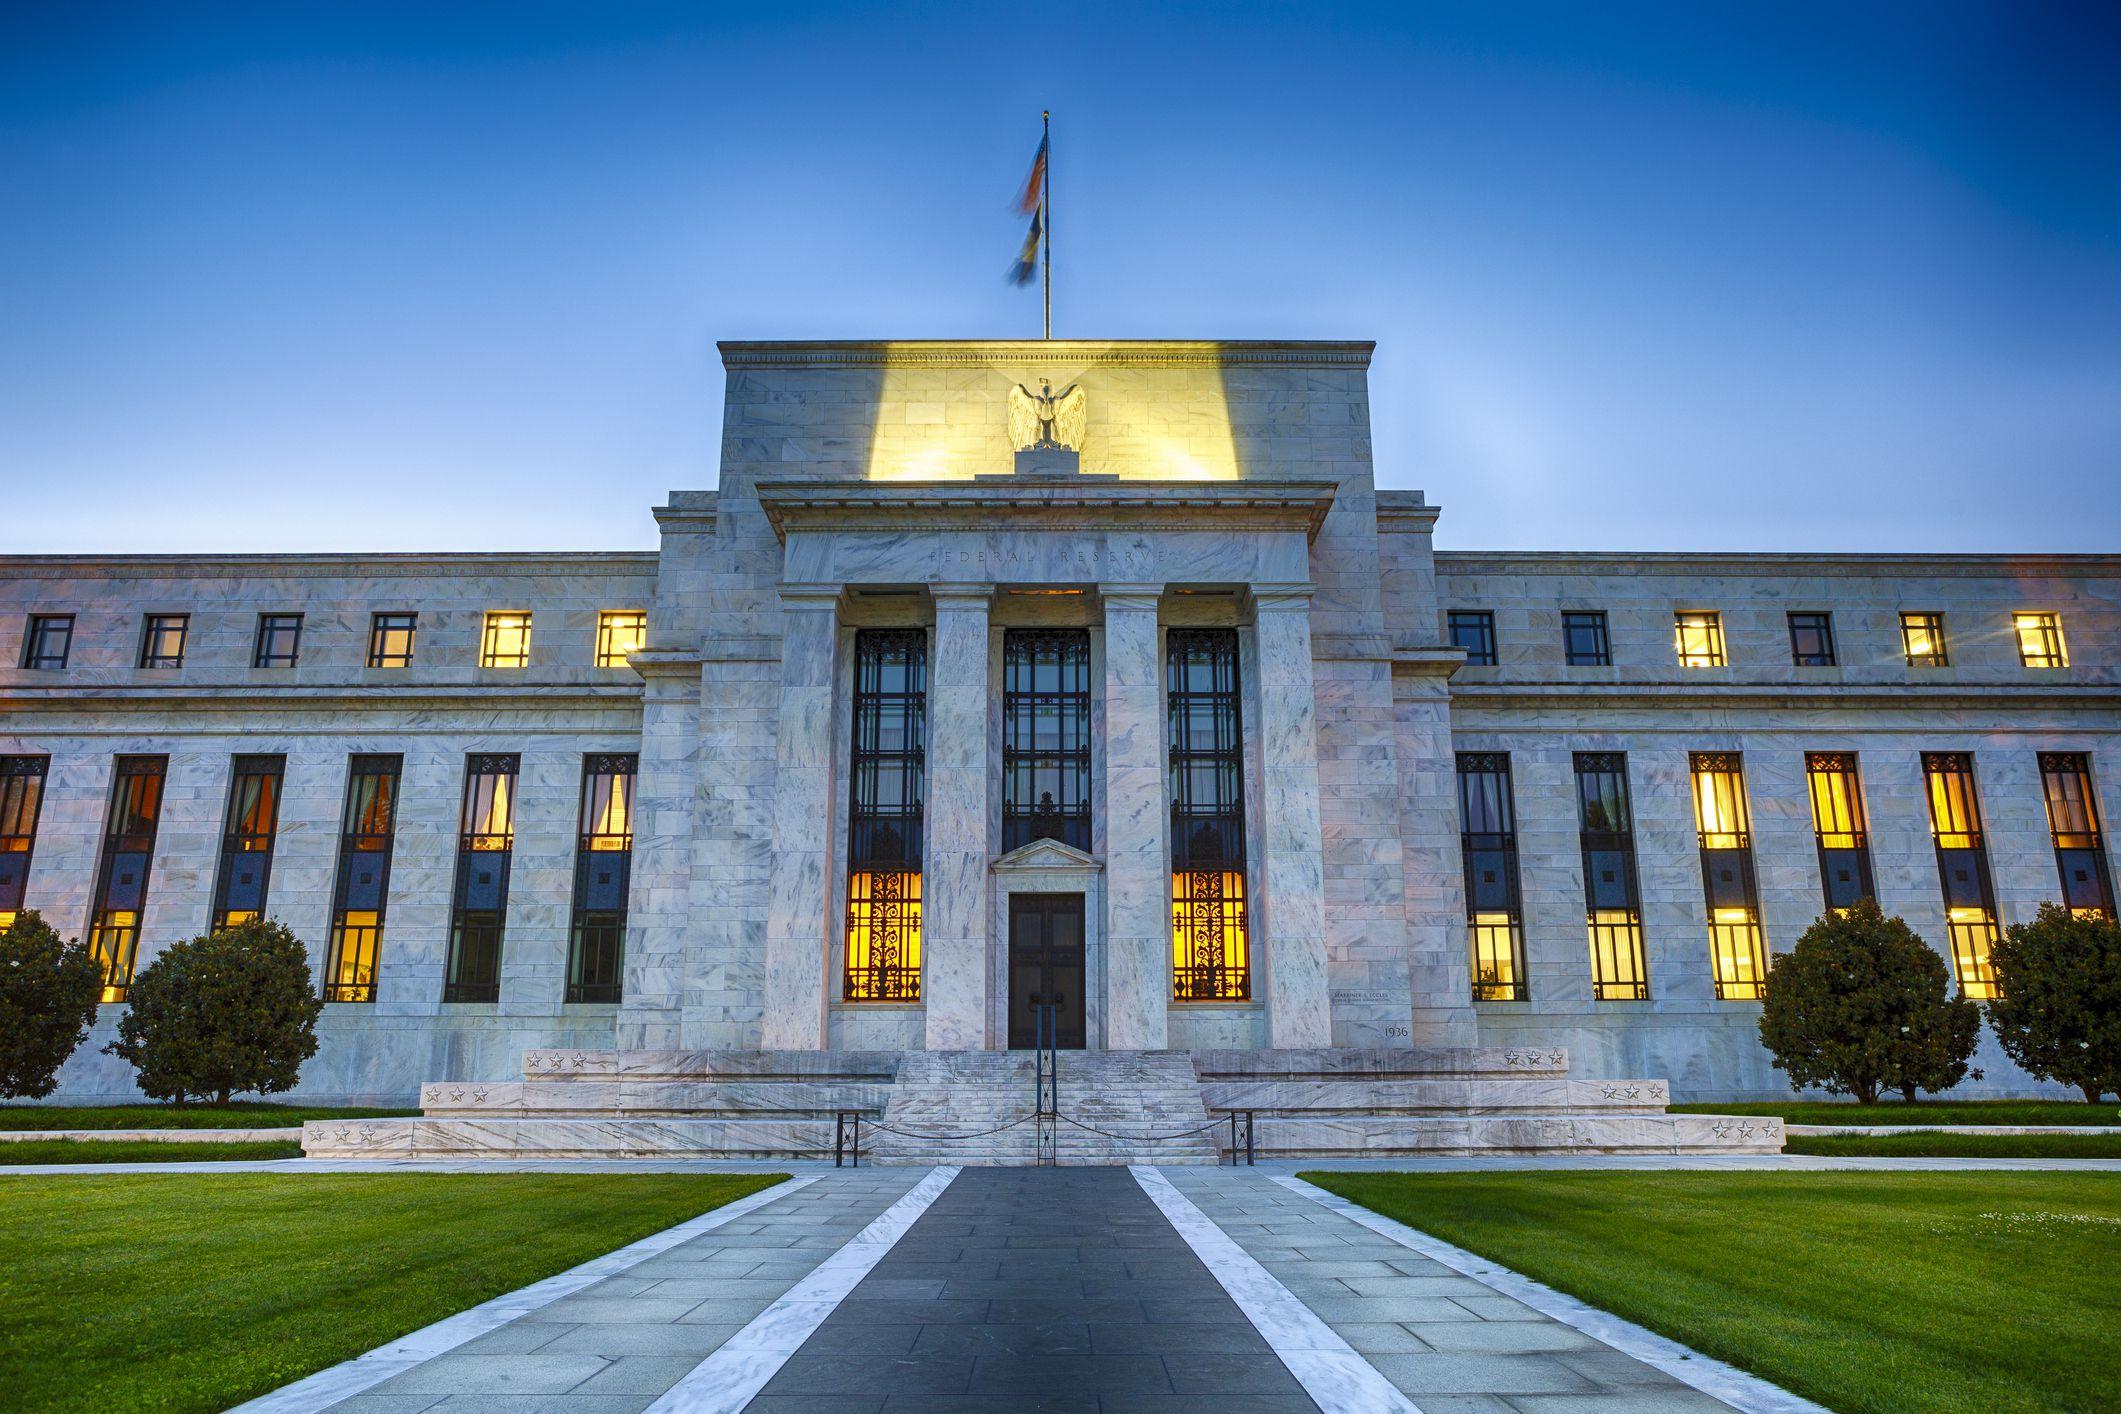 Fed: Dịch COVID-19 sẽ tiếp tục tác động nặng nề đến hoạt động kinh tế - Ảnh 1.